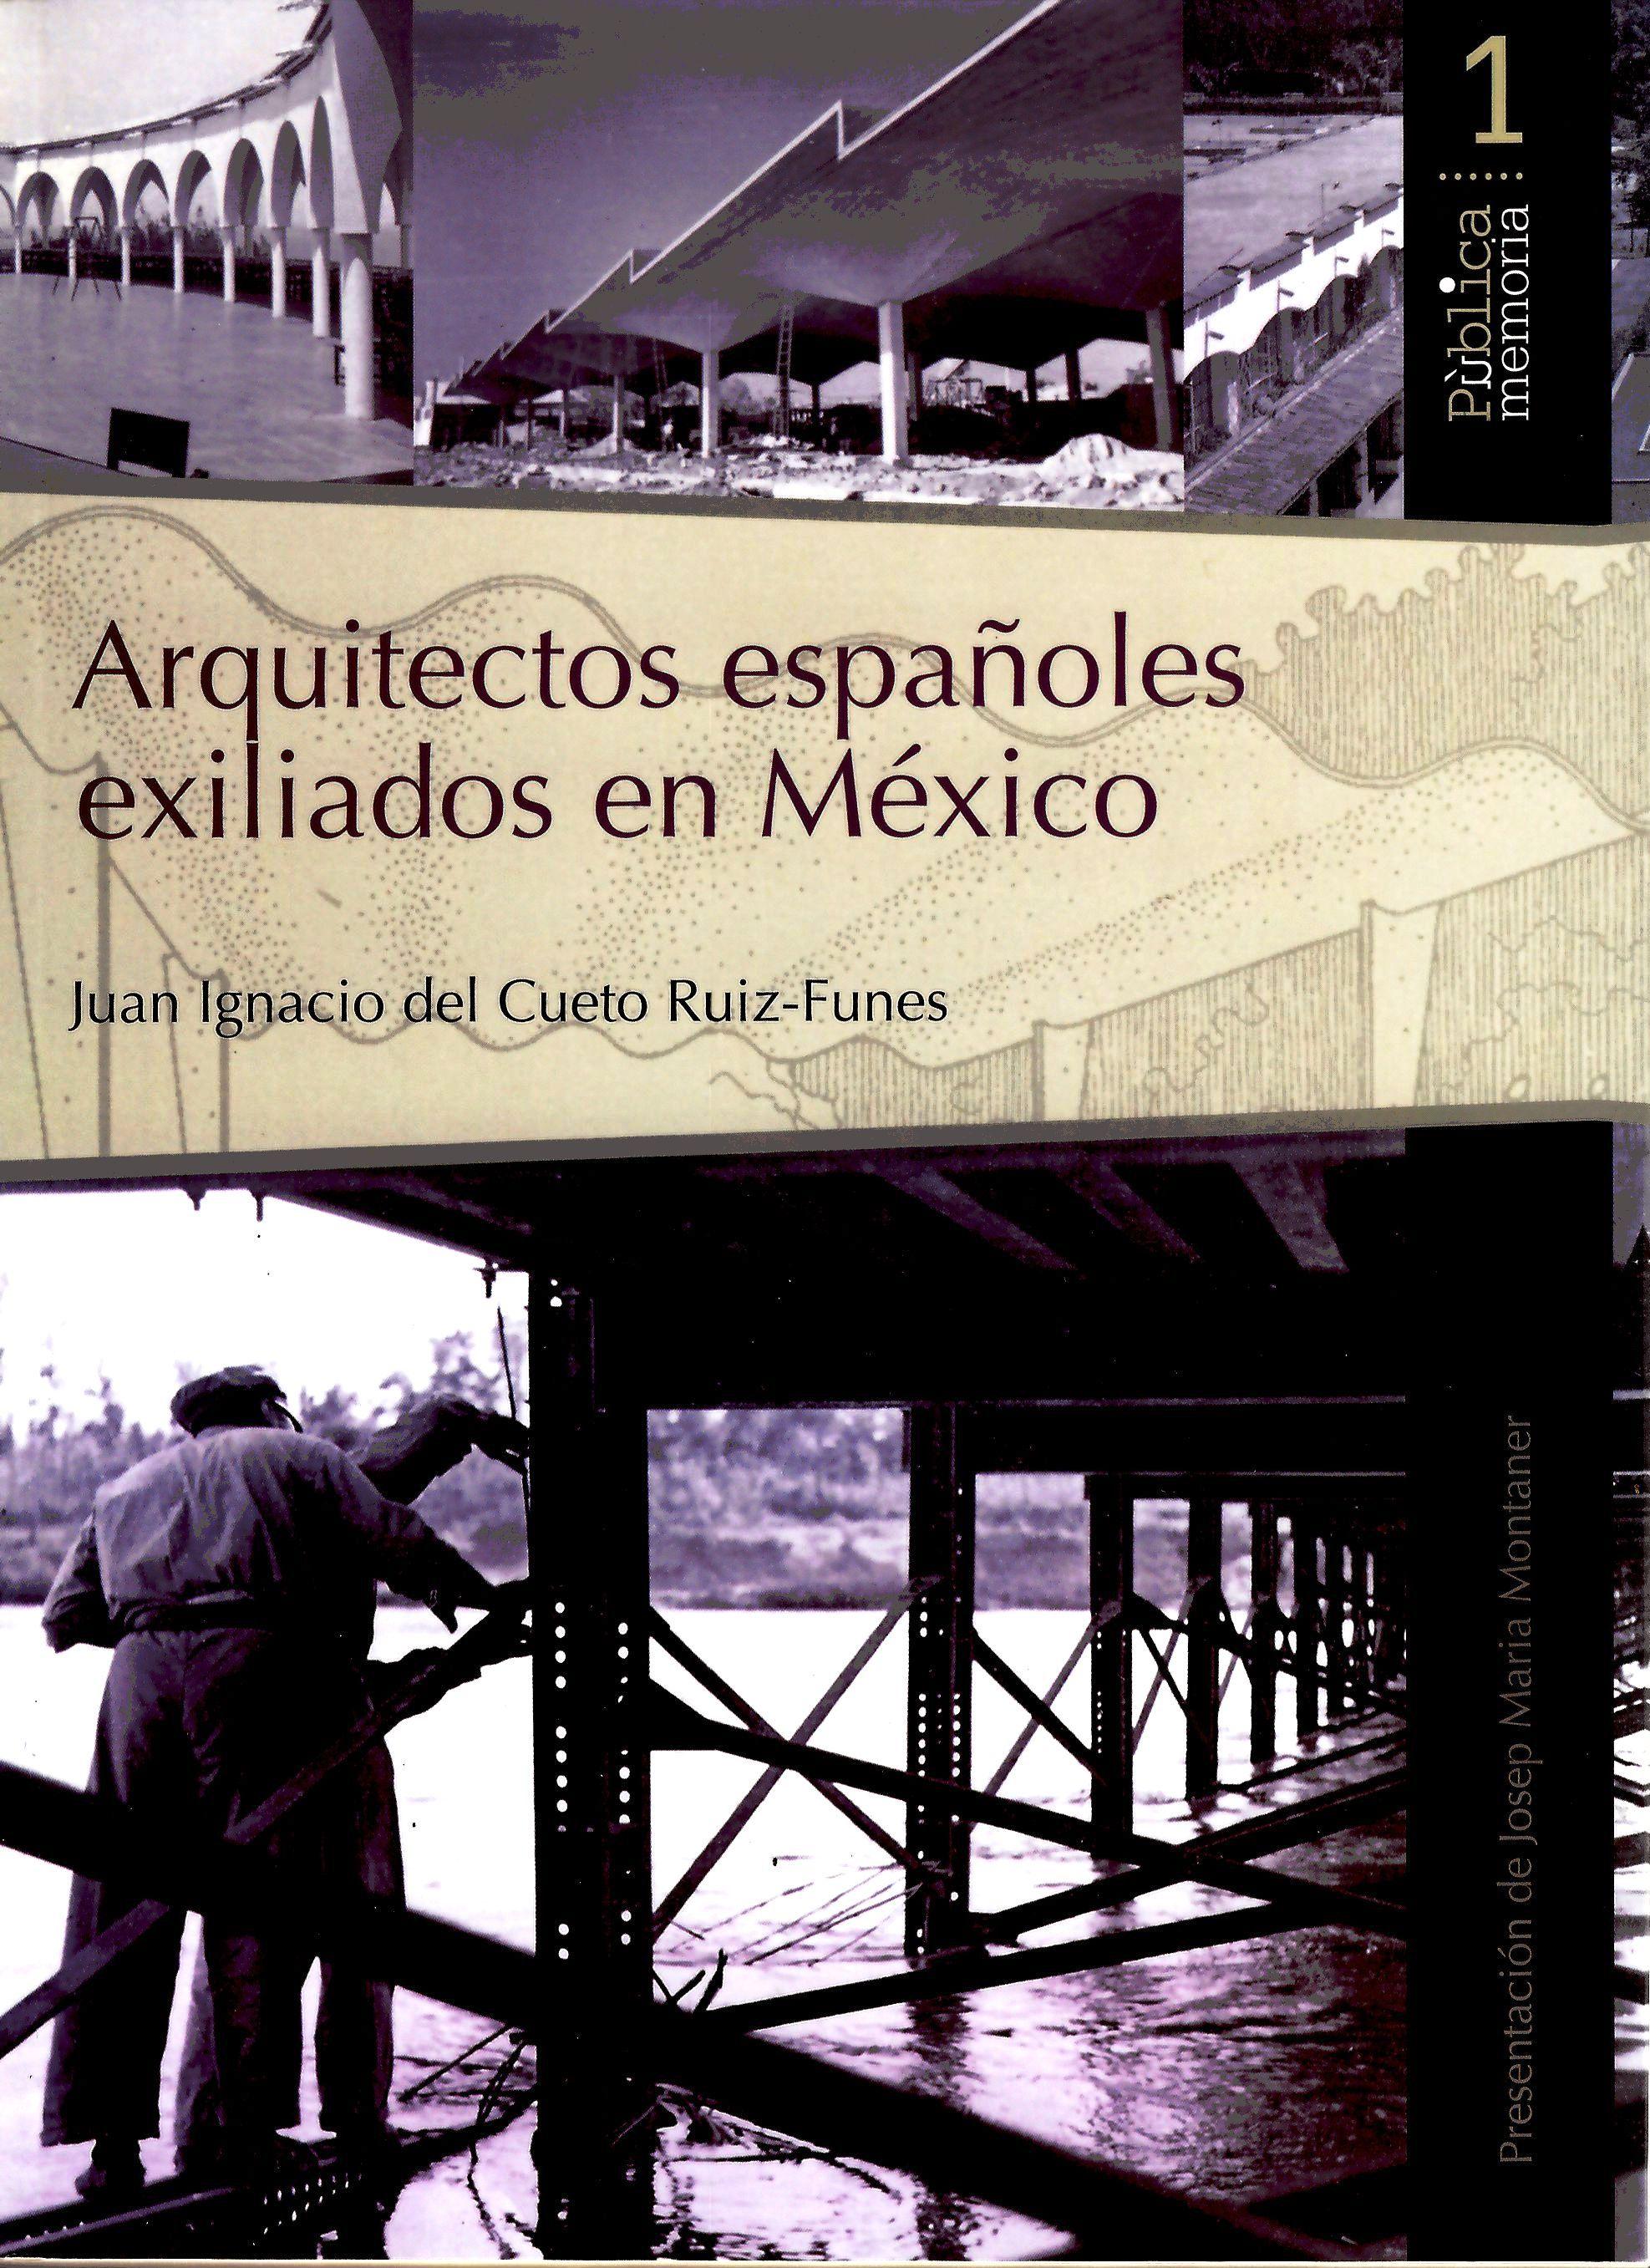 Arquitectos españoles exiliados en México